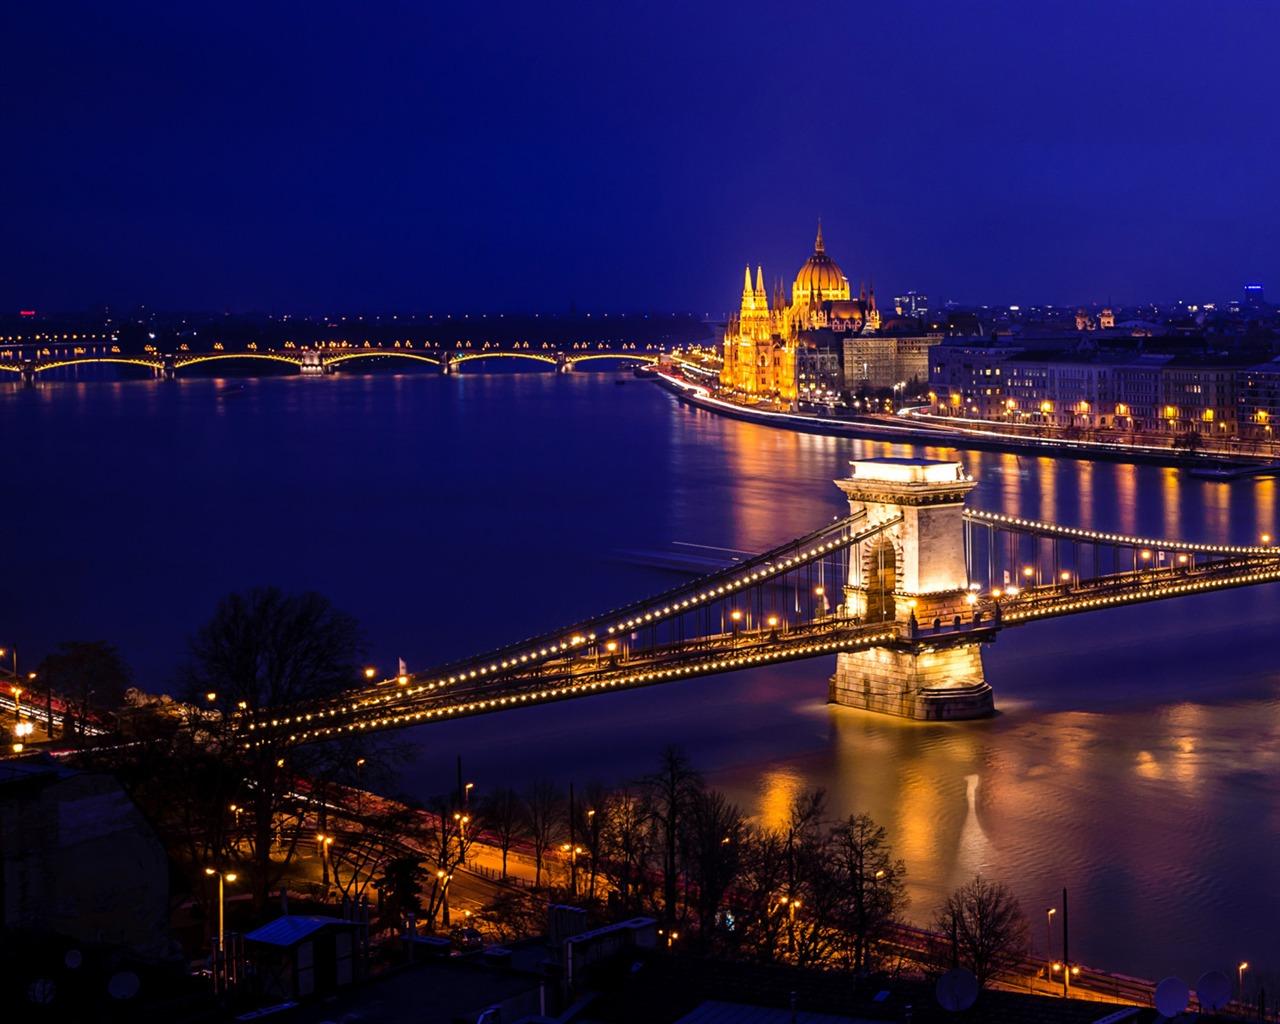 布达佩斯塞切尼链桥-Windows 10 高清壁纸预览 | 10wallpaper.com